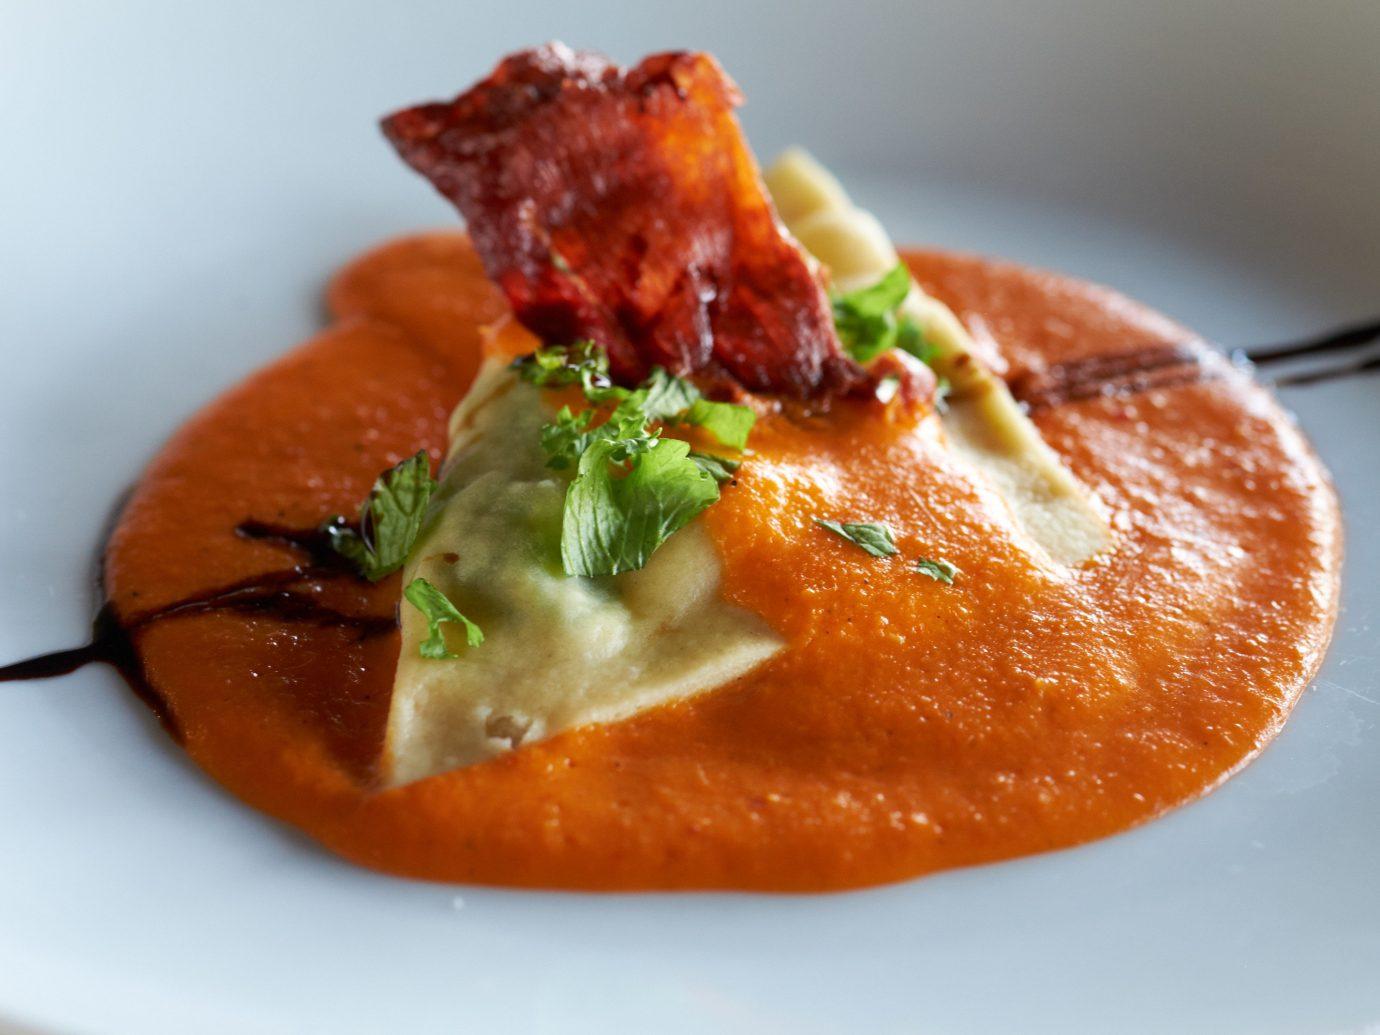 Food + Drink plate food dish slice piece cuisine orange sauce vegetarian food recipe dessert meat meal fresh soup piece de resistance